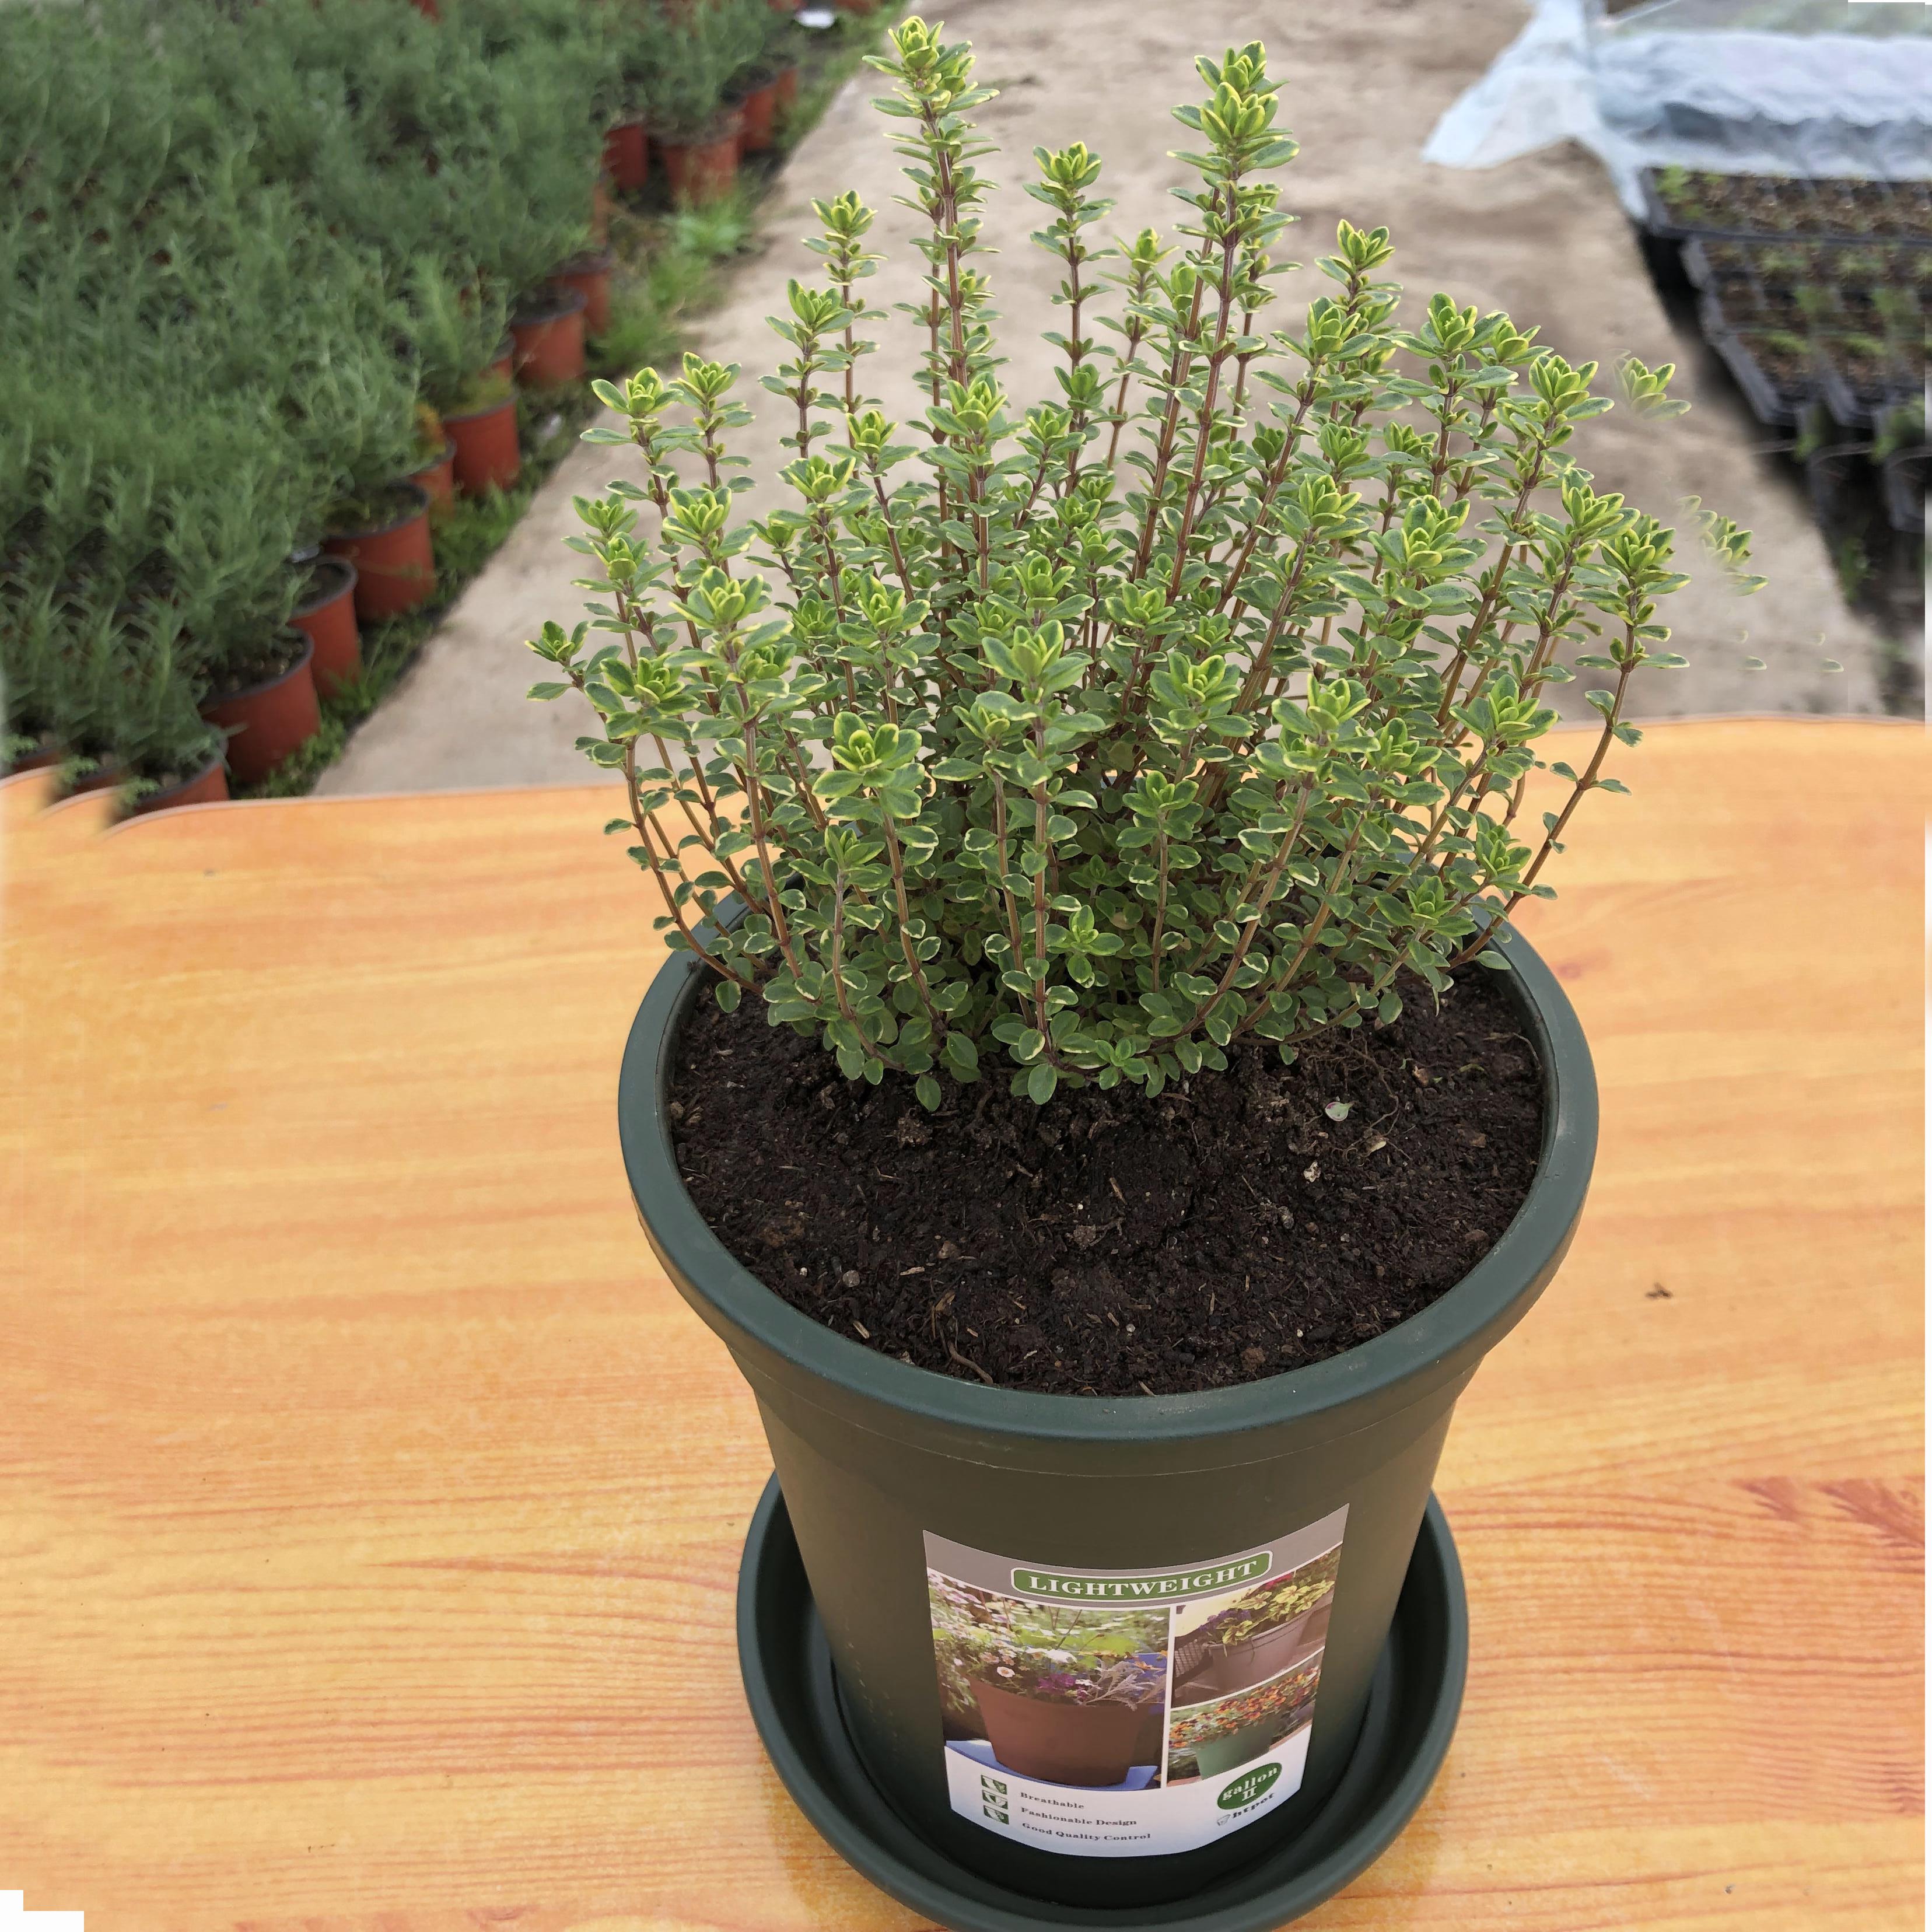 英国百里香盆栽 香草植物食用西餐调料 香草苗驱蚊绿植花卉盆栽